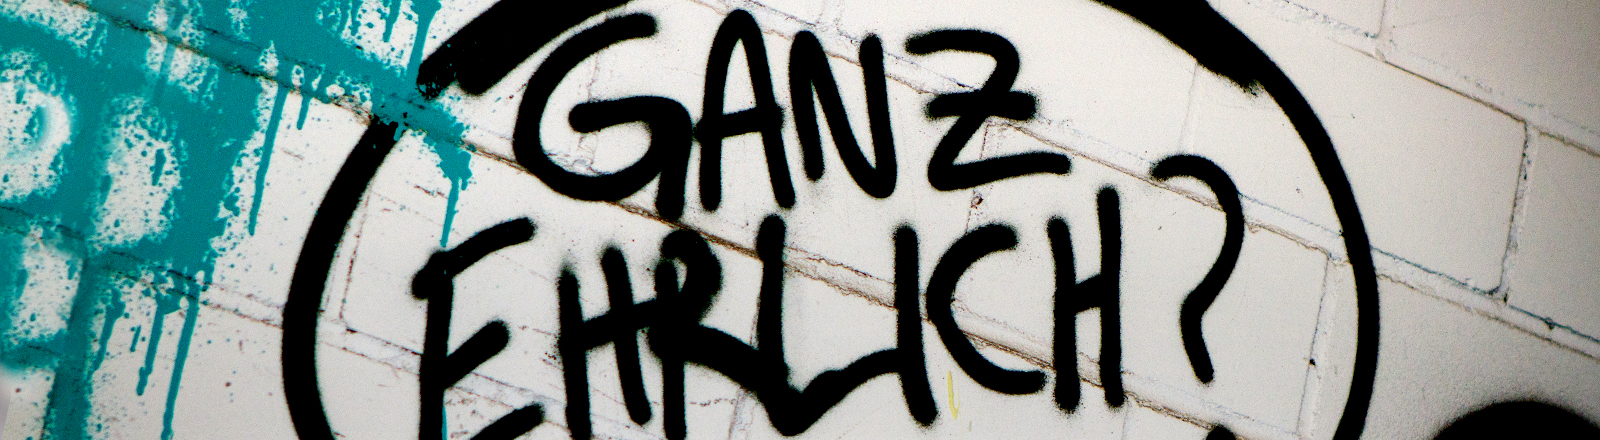 Auf eine weiße Wand hat jemand die Worte: ganz ehrlich? gesprüht.